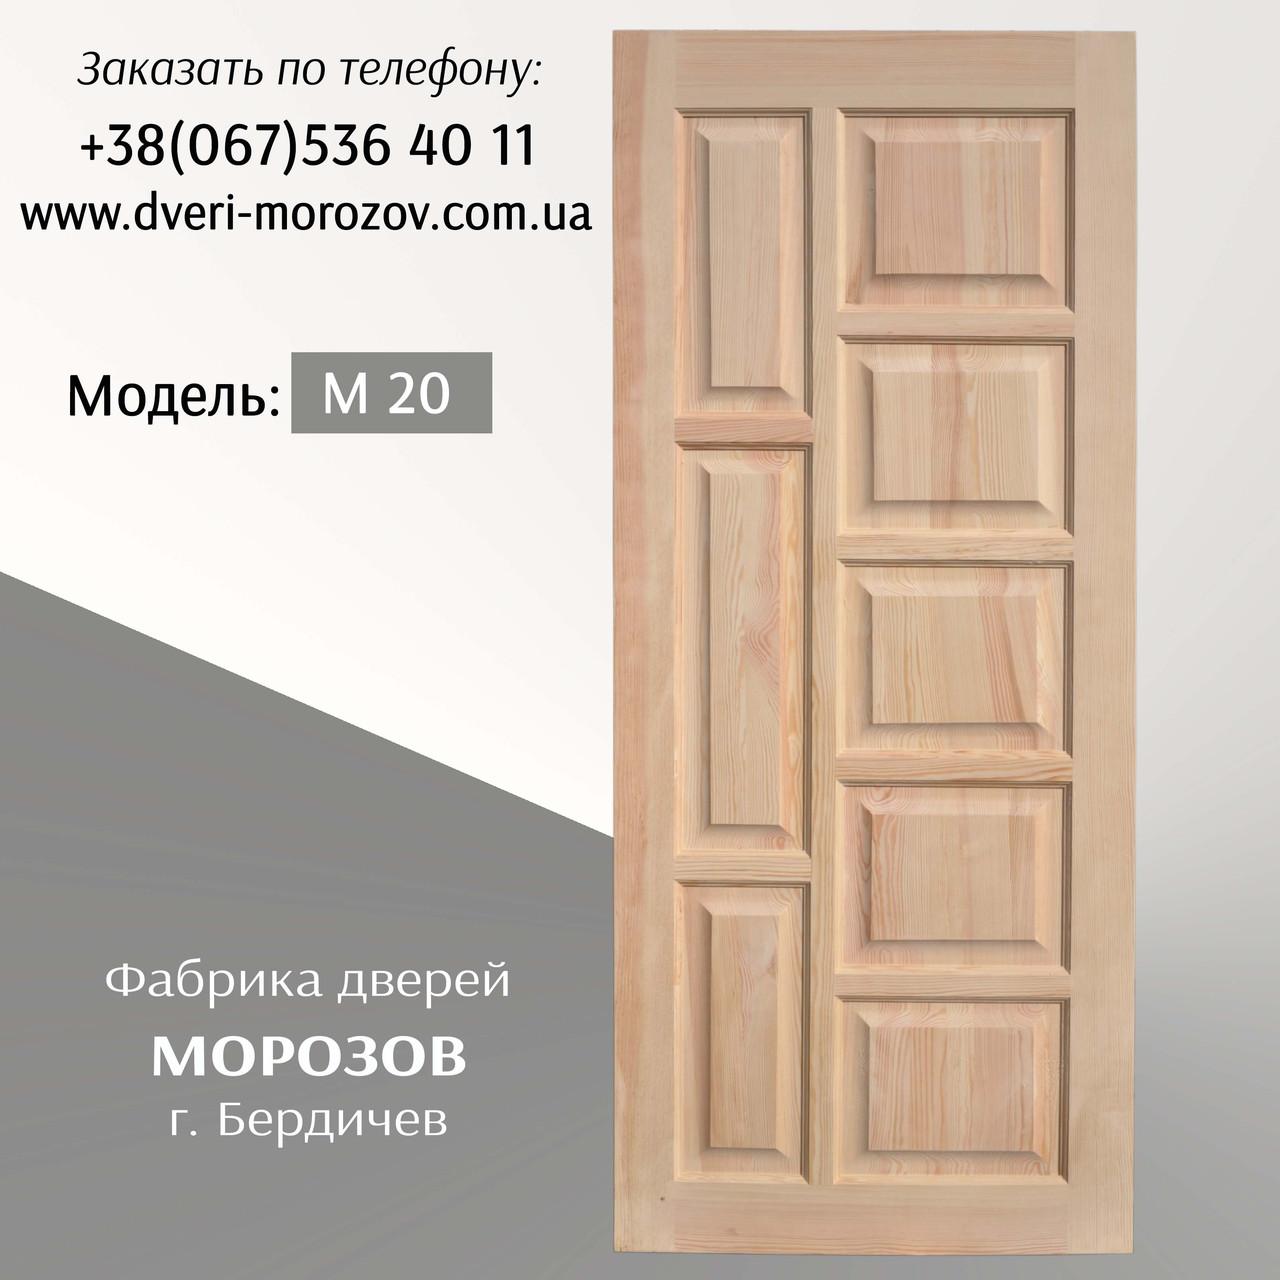 Межкомнатные глухие двери из массива сосны - Продажа деревянных дверей собственного производства г.Бердичев - доставка по Украине в Бердичеве